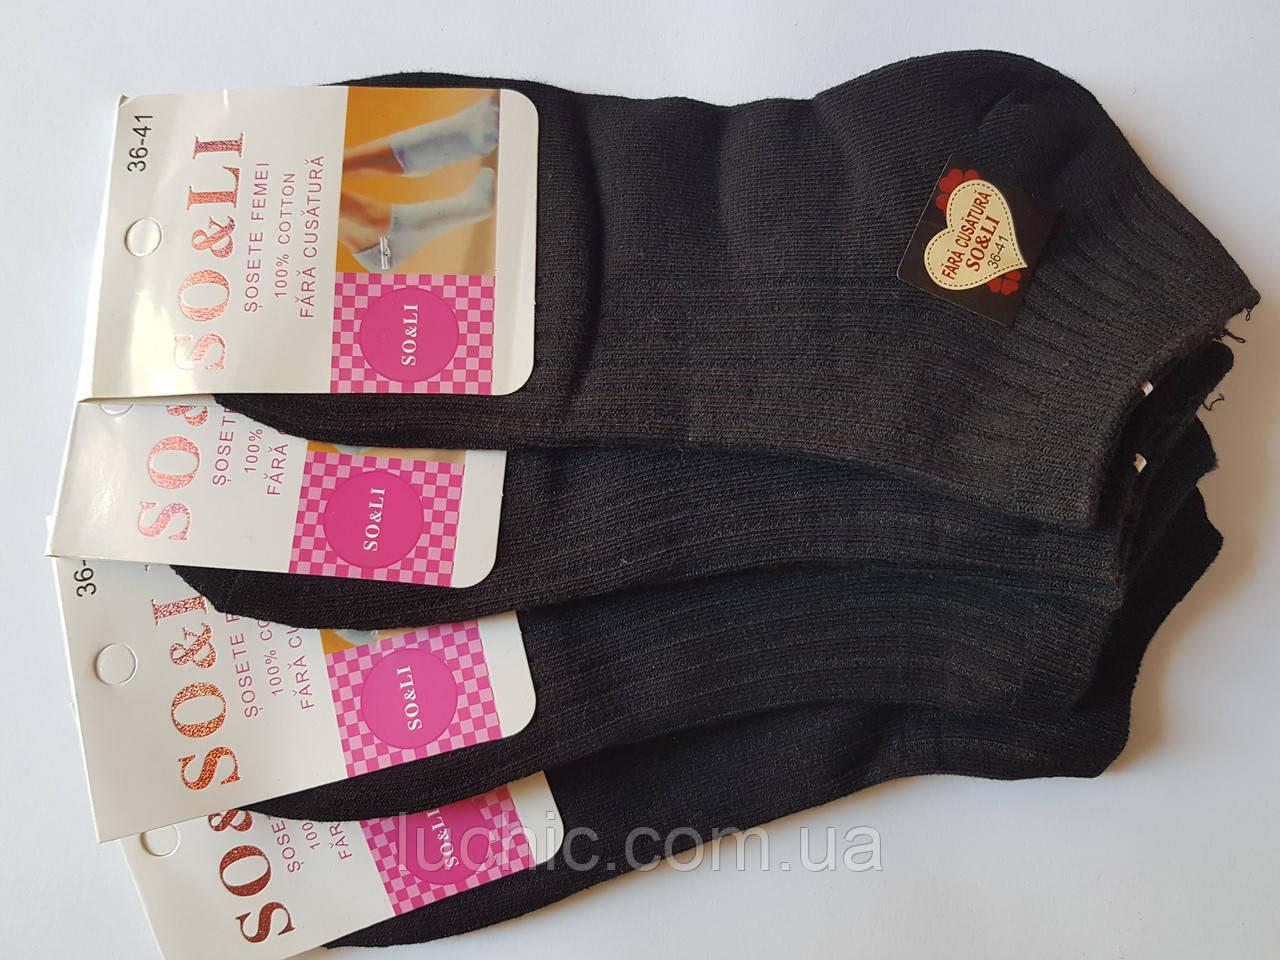 Шкарпетки чоловічі 100% Коттон 36-41р 12шт в уп.